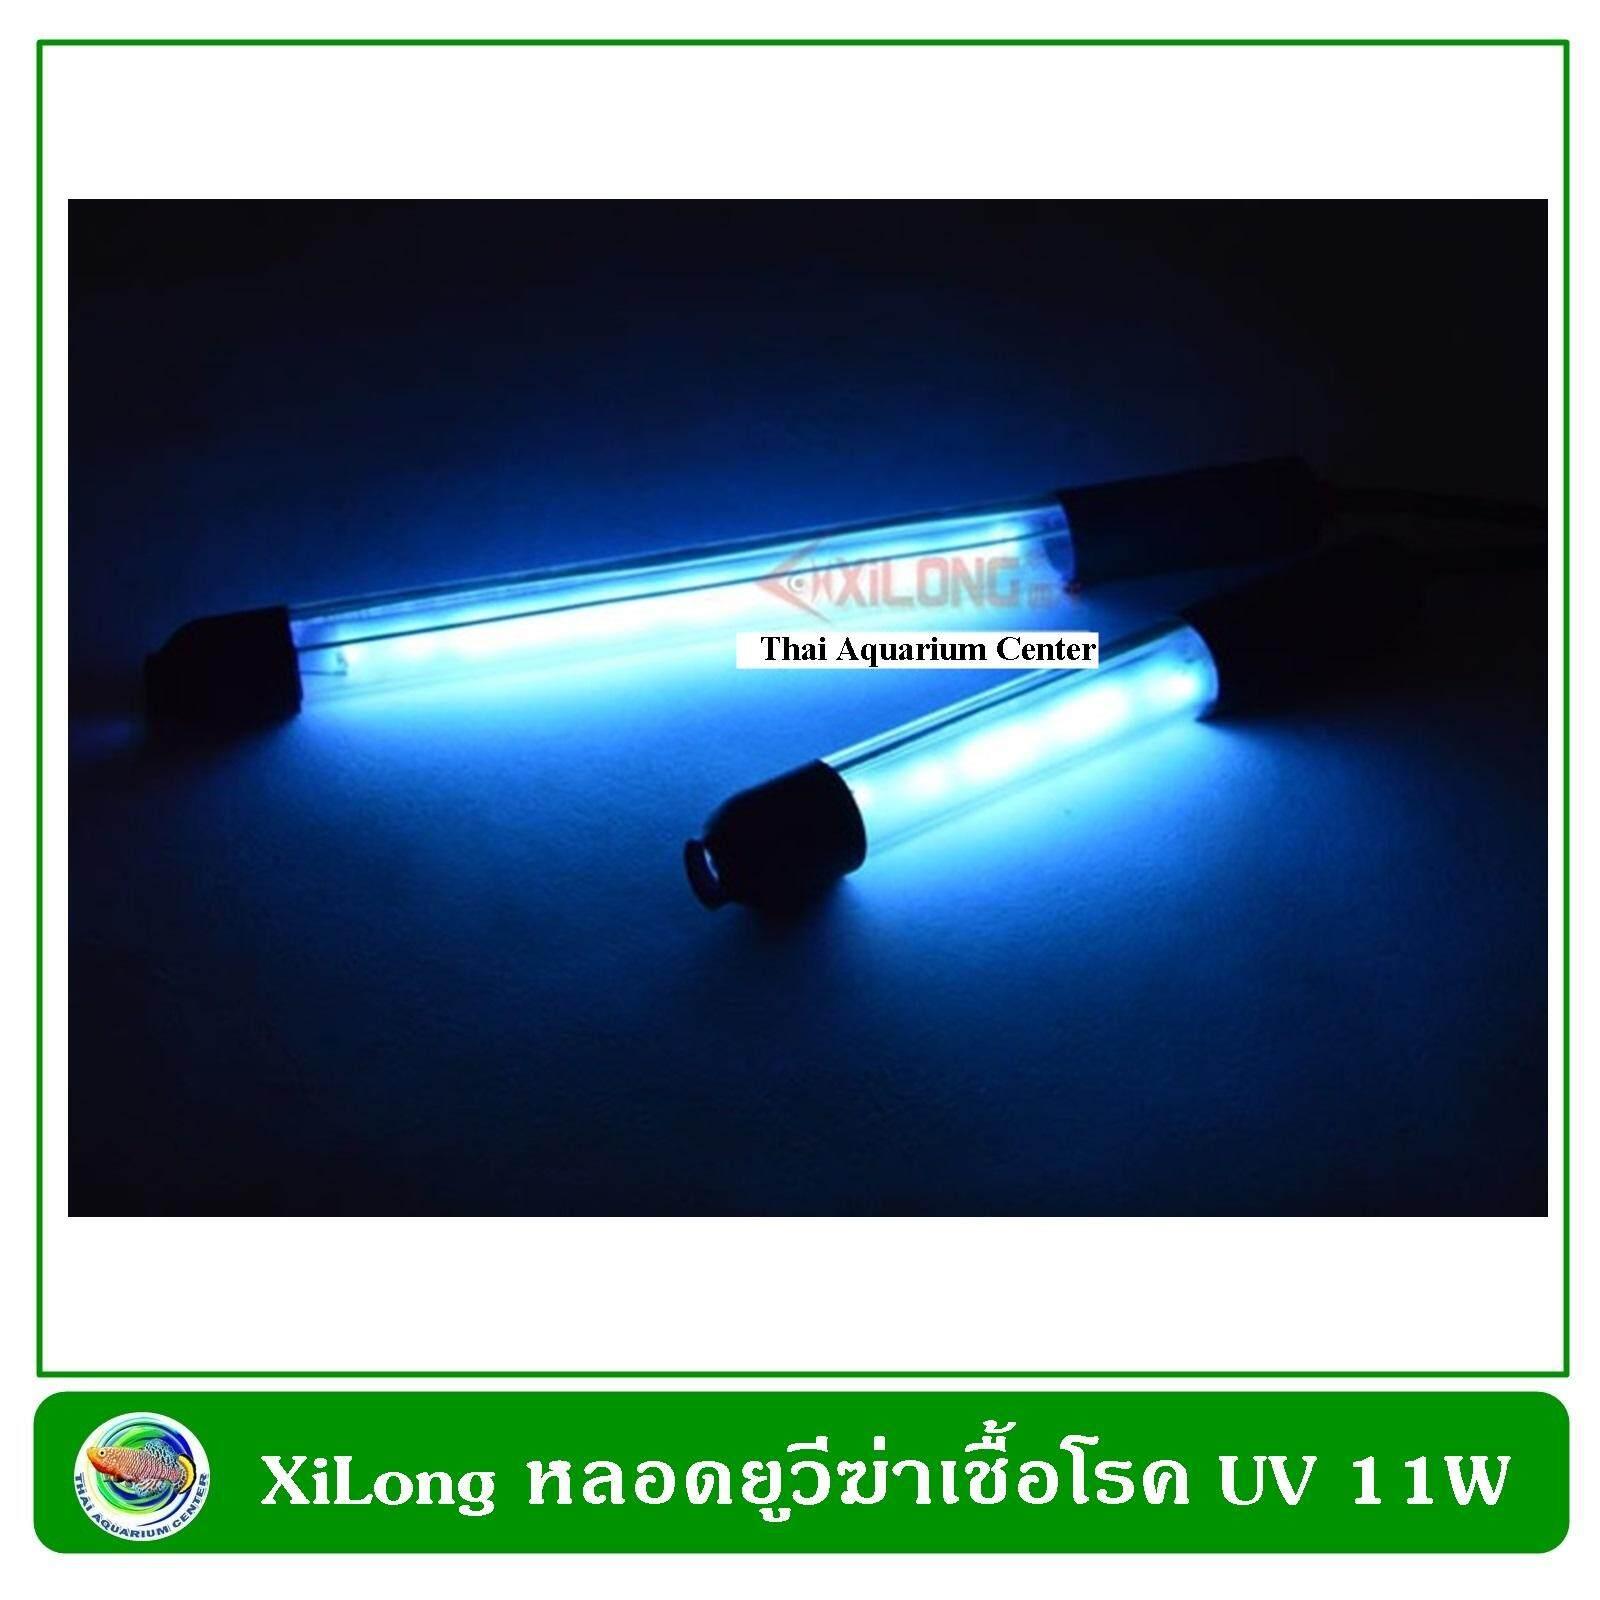 โปรโมชั่น Xi Long Uv 11 W หลอดยูวีฆ่าเชื้อโรคแบบจุ่มในน้ำ 11 วัตต์ Xi Long ใหม่ล่าสุด